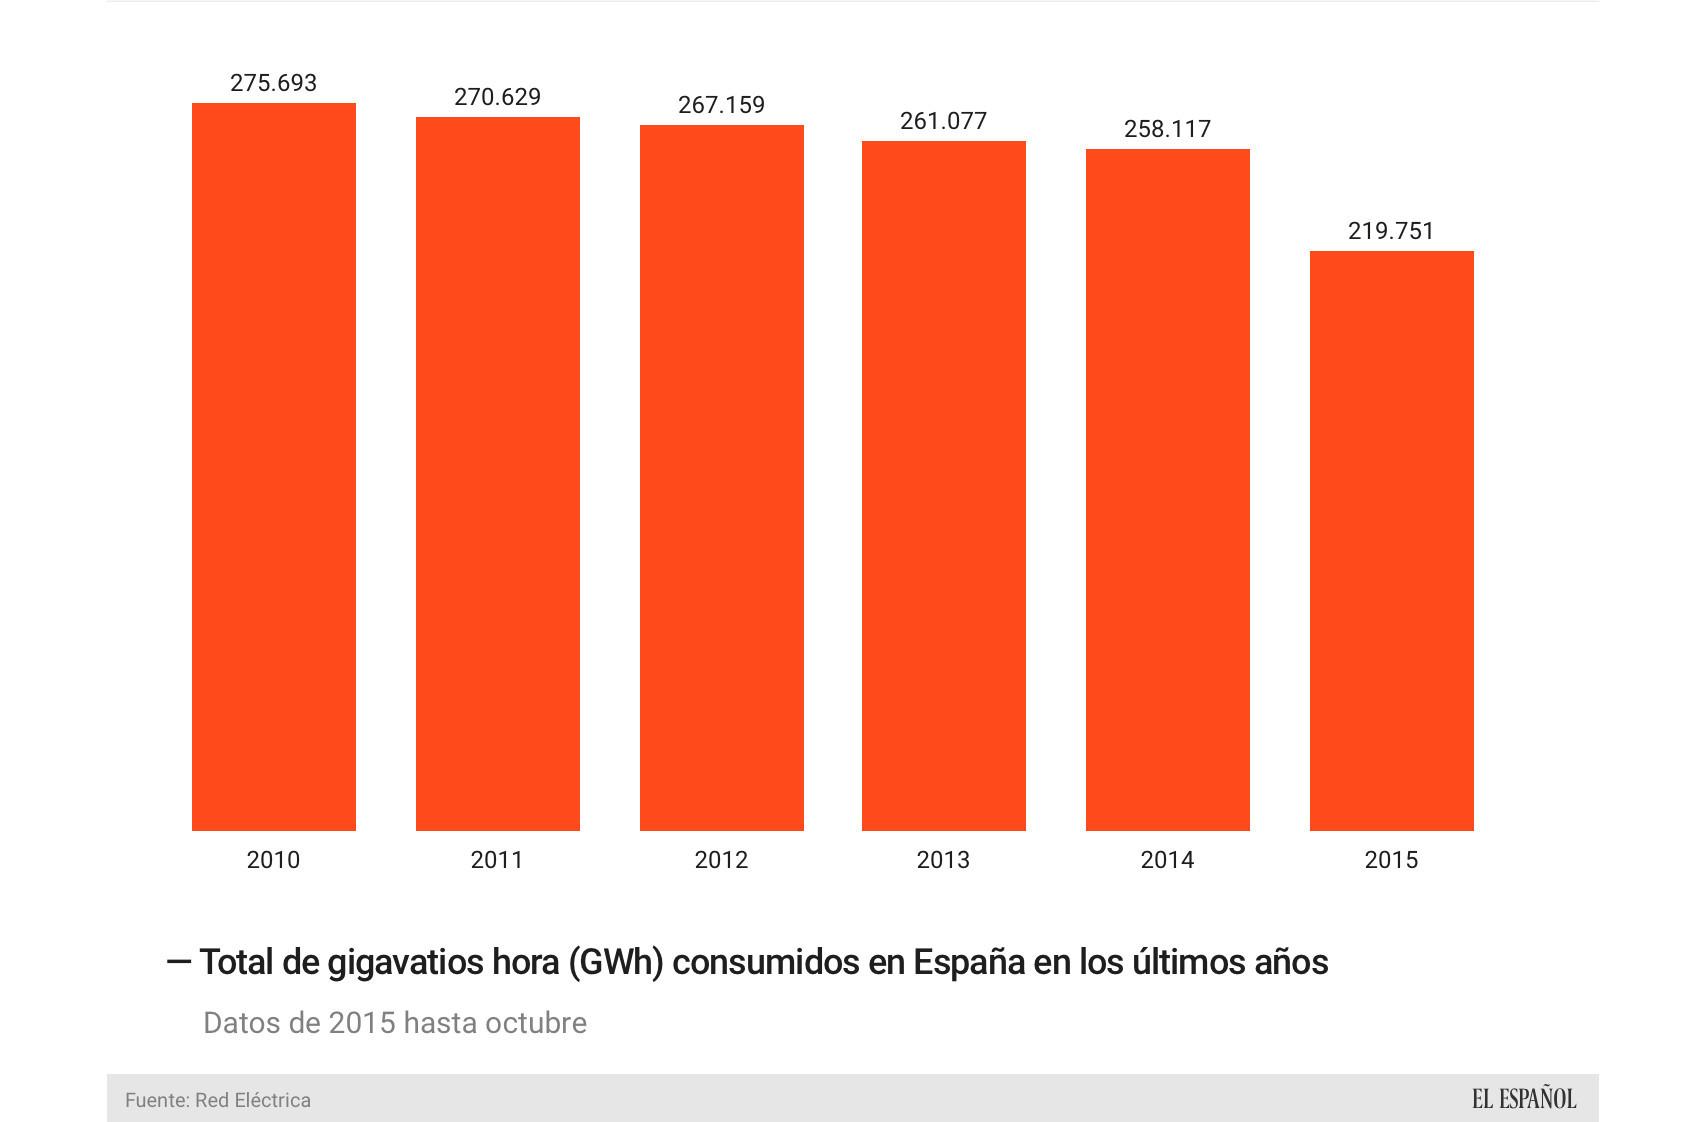 Evolución del consumo de energía eléctrica en España en gigavatios.